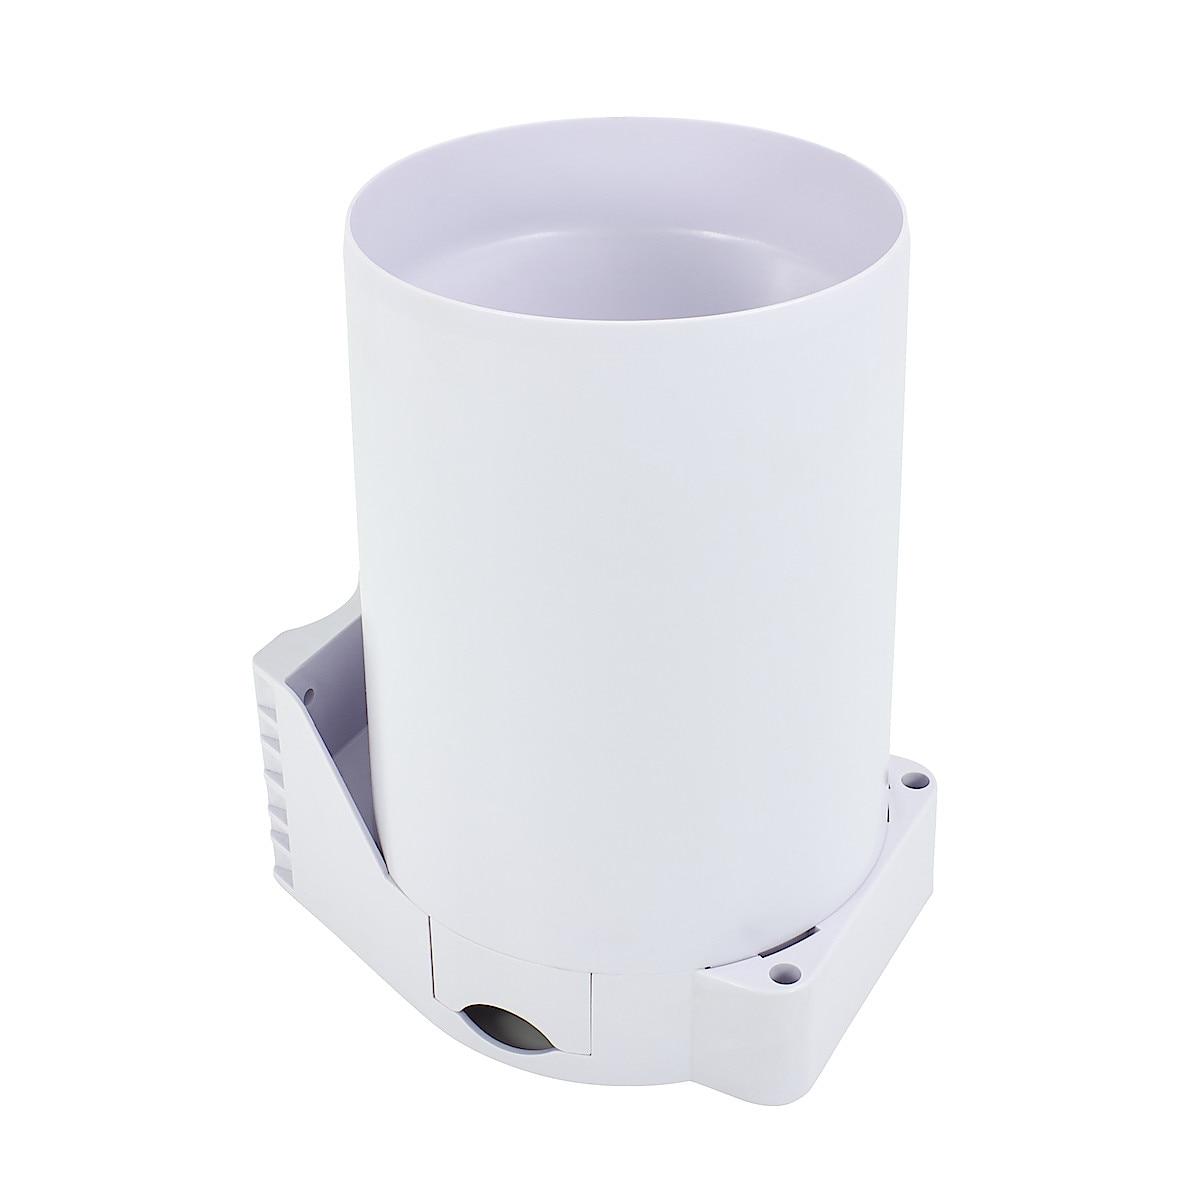 Cotech FT0203, regnsensor